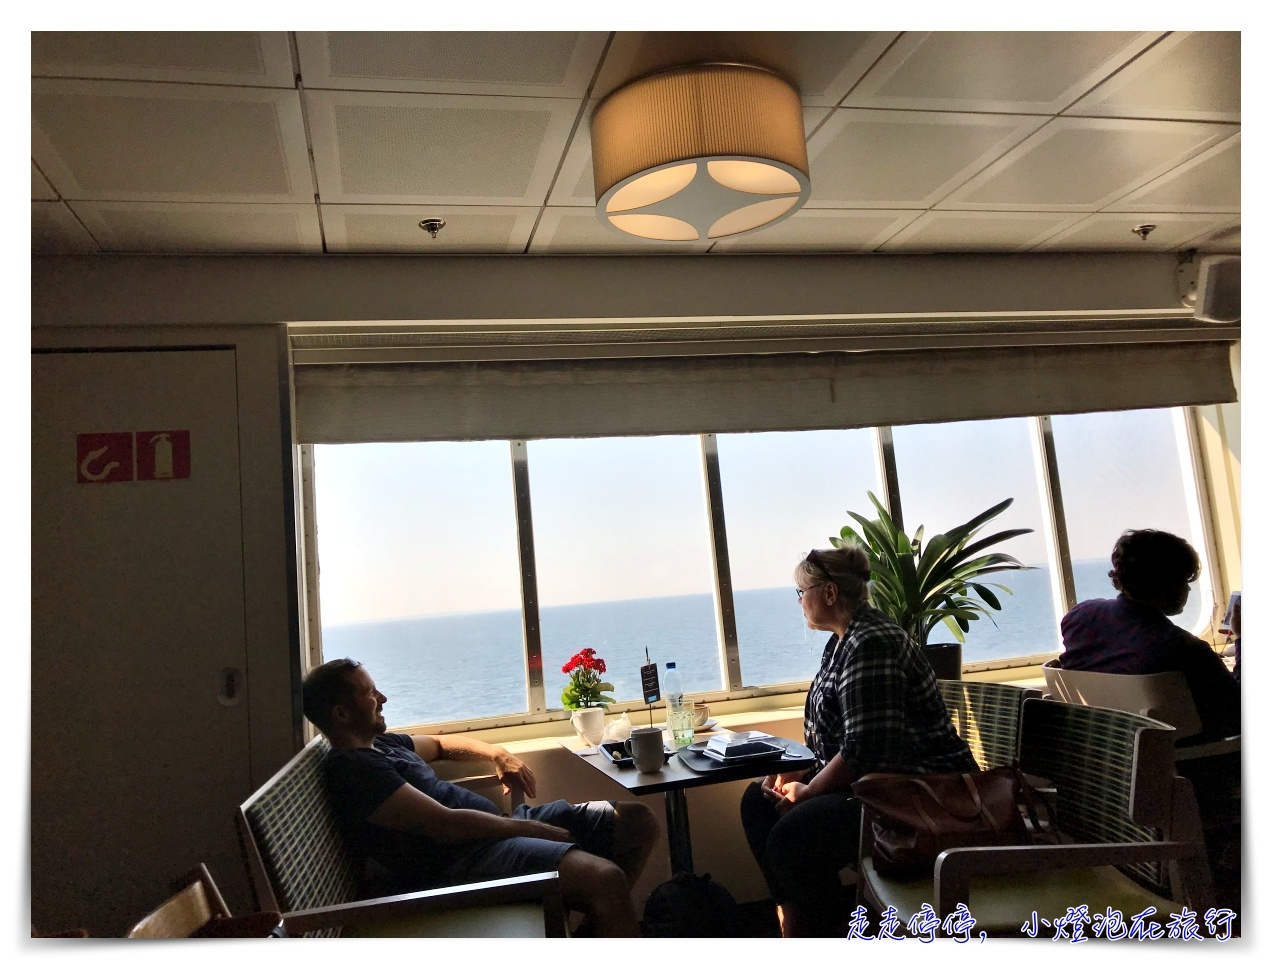 塔林到赫爾辛基交通|viking line船票訂購教學、搭乘紀錄與相關建議~